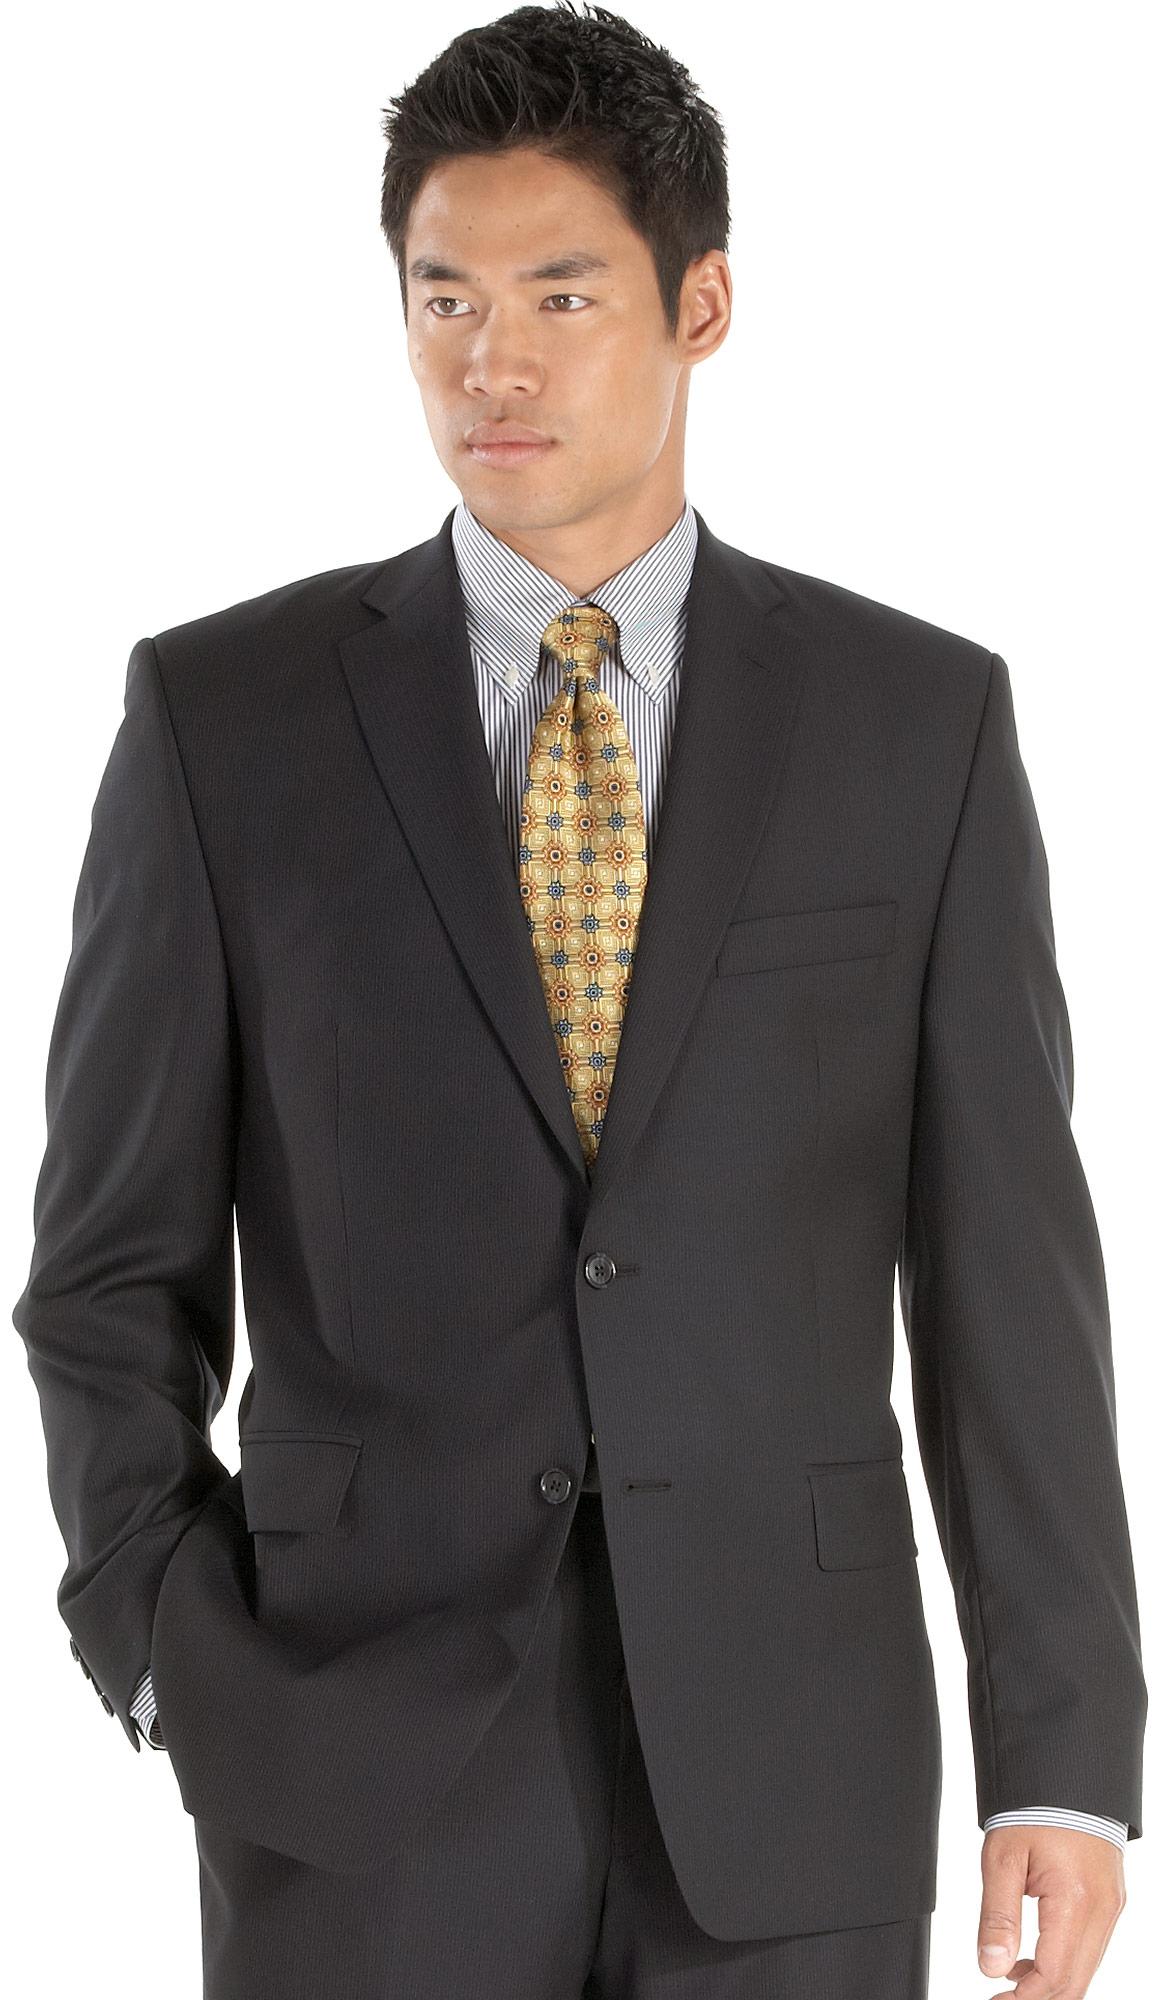 职场西服也能穿出不一样的时尚感。